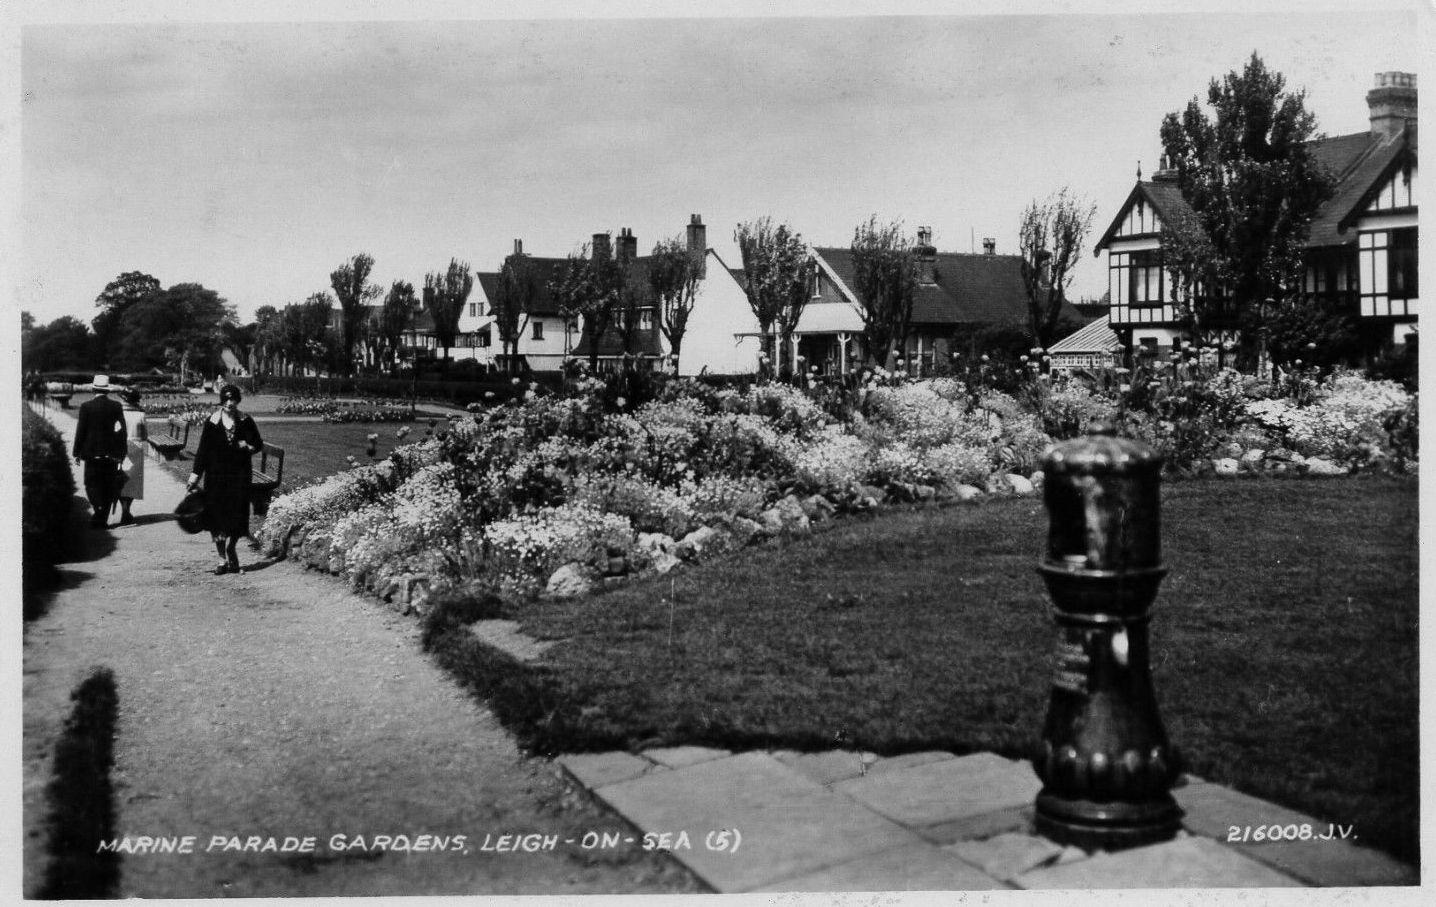 Marine Parade Gardens, LeighonSea c1930s. Leigh on sea